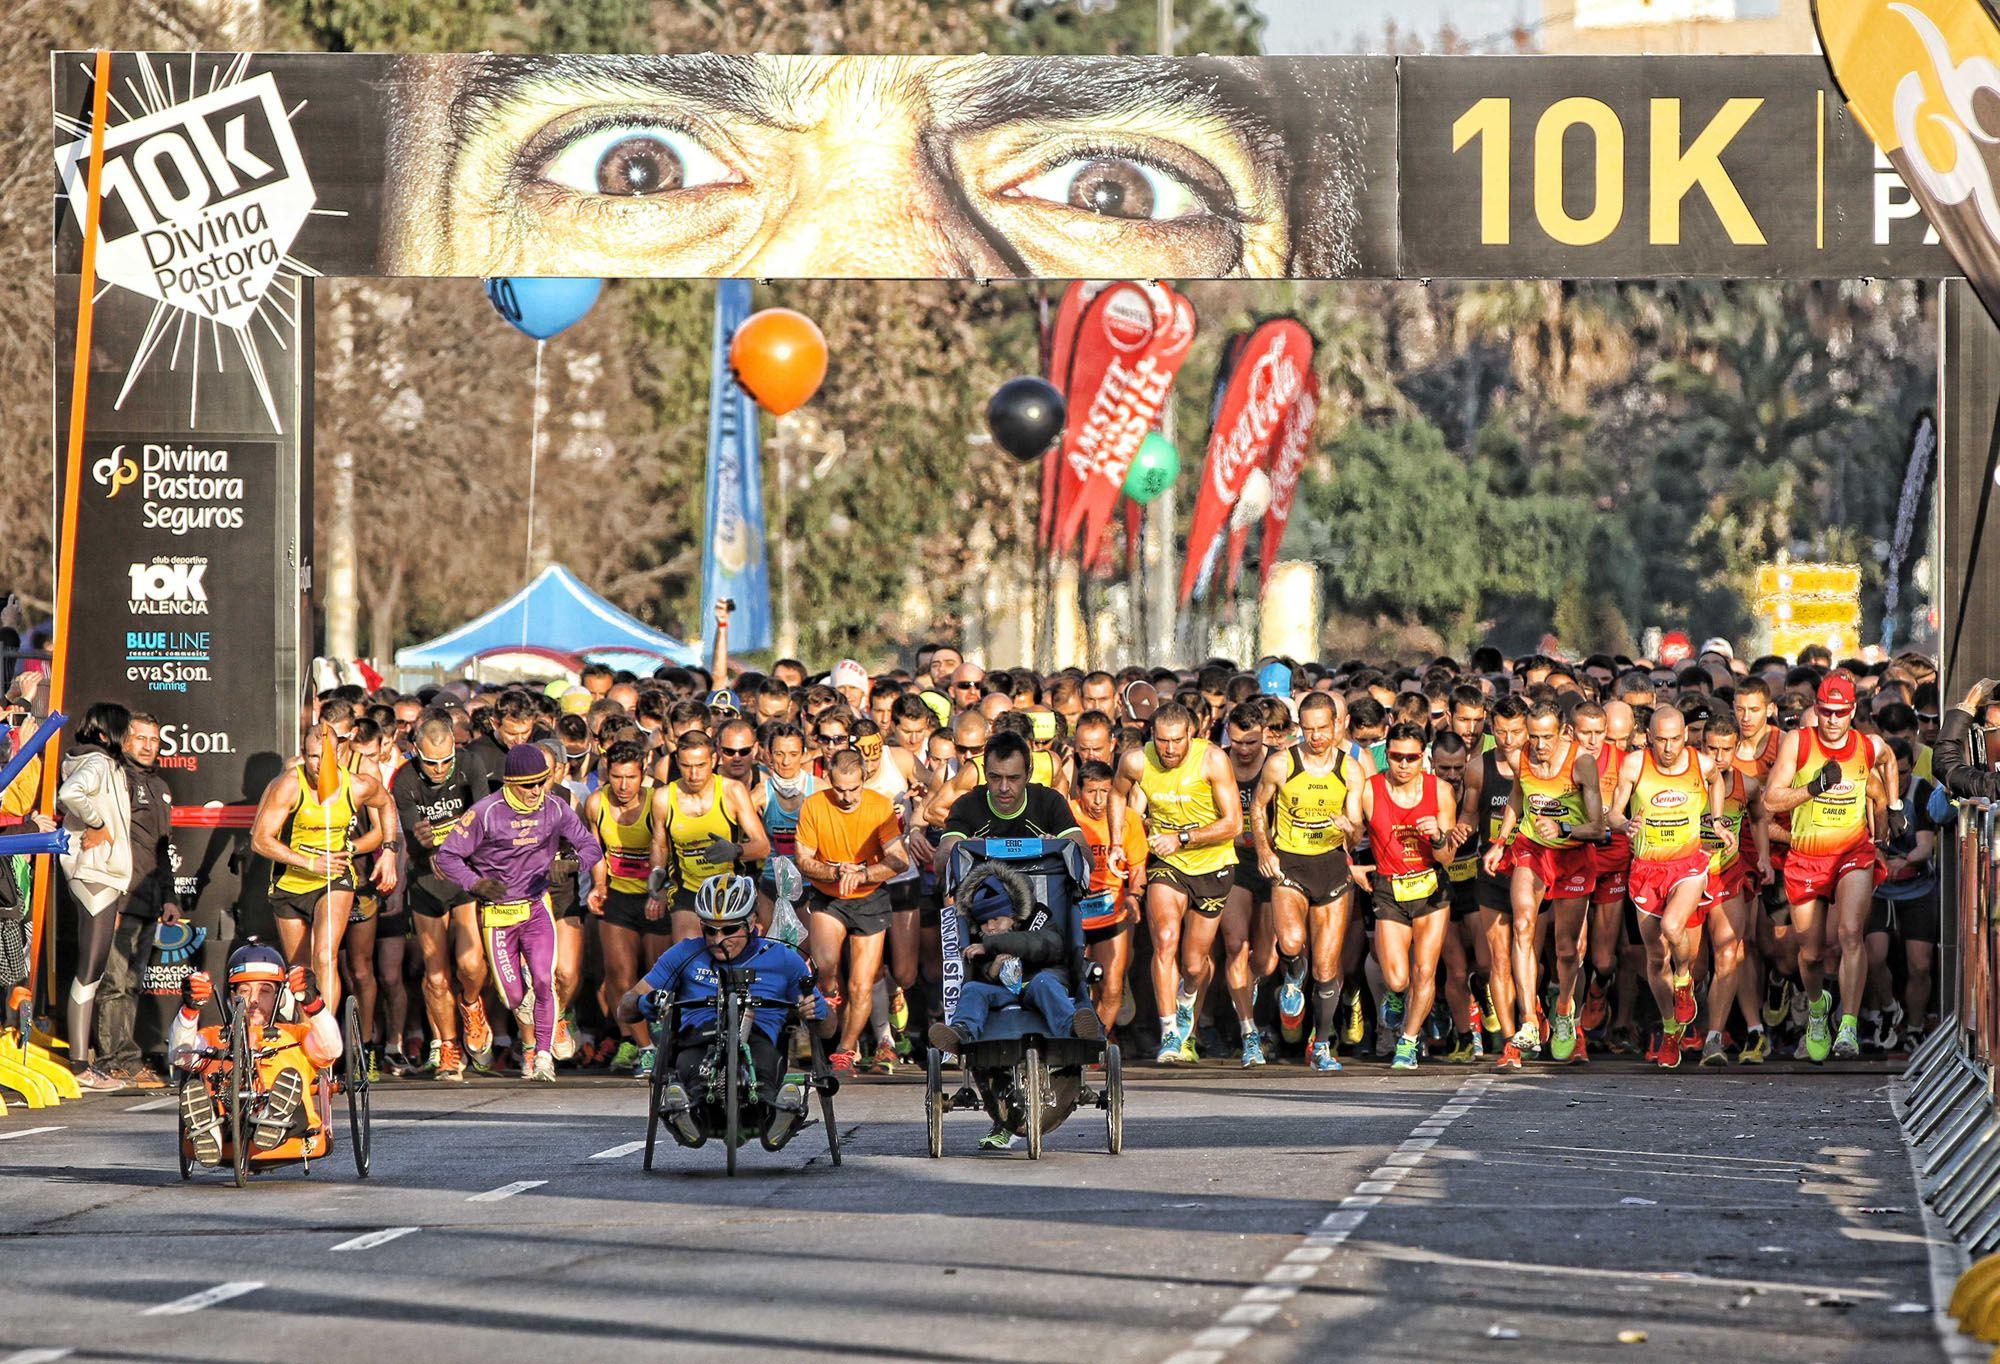 Te invitamos a participar en la 10K DIVINA PASTORA VALENCIA - ENERO 2015